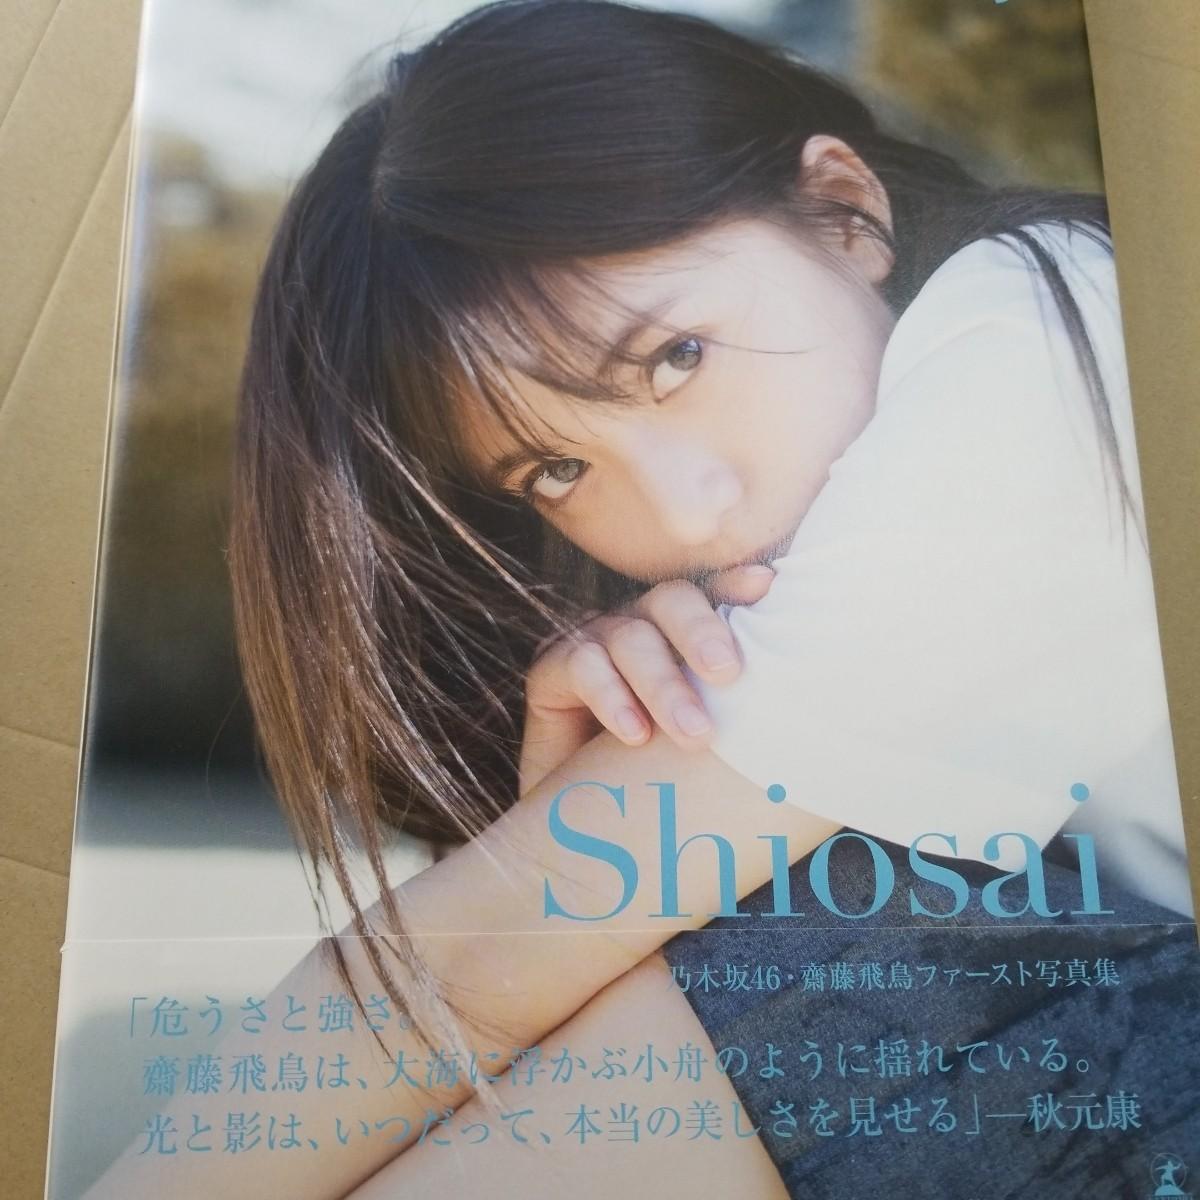 齋藤飛鳥 ファースト写真集 潮騒 セブンネット版帯付き初版ポストカードなし